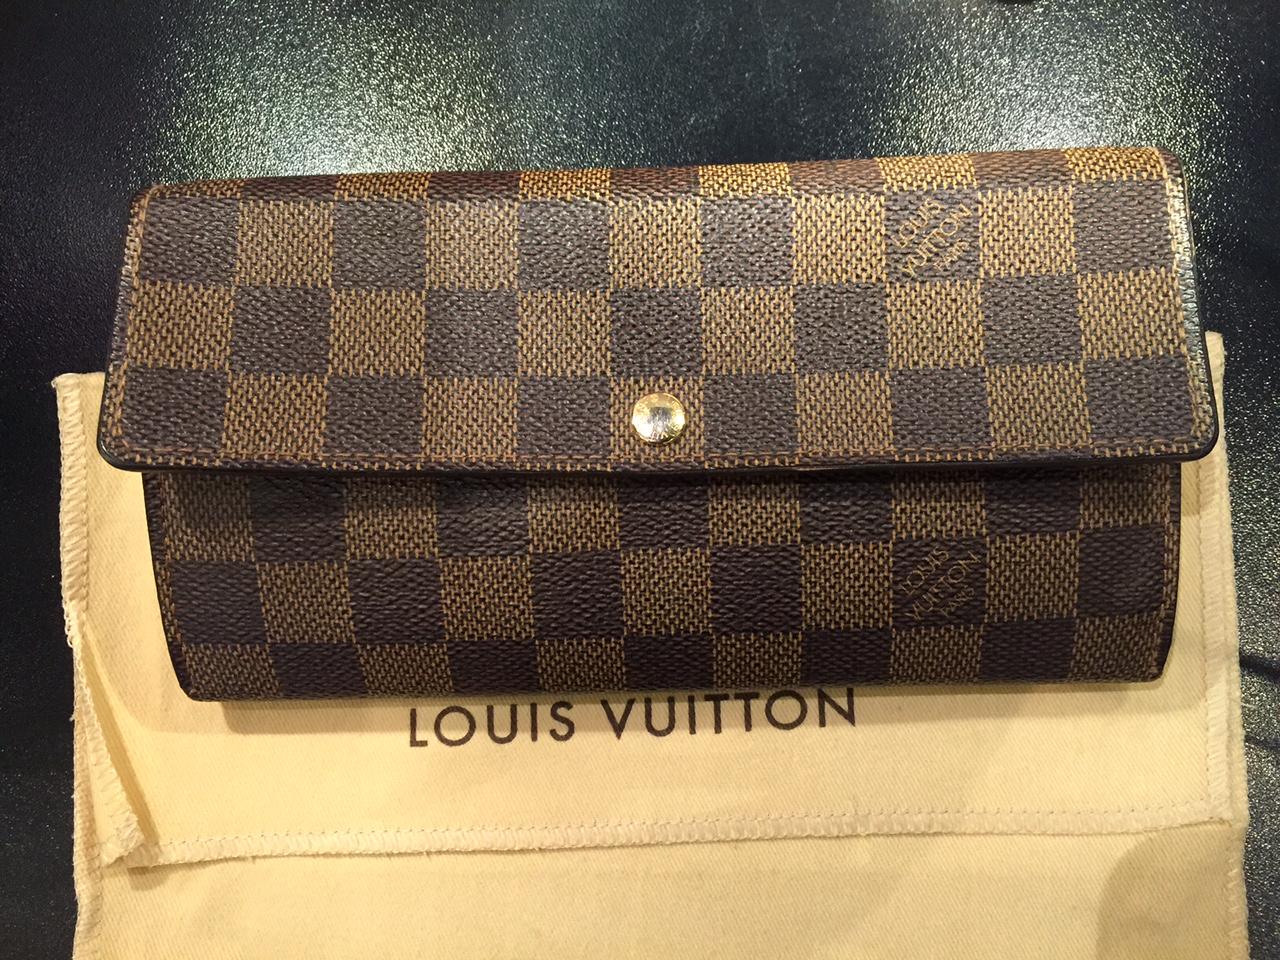 Louis Vuitton Plånbok